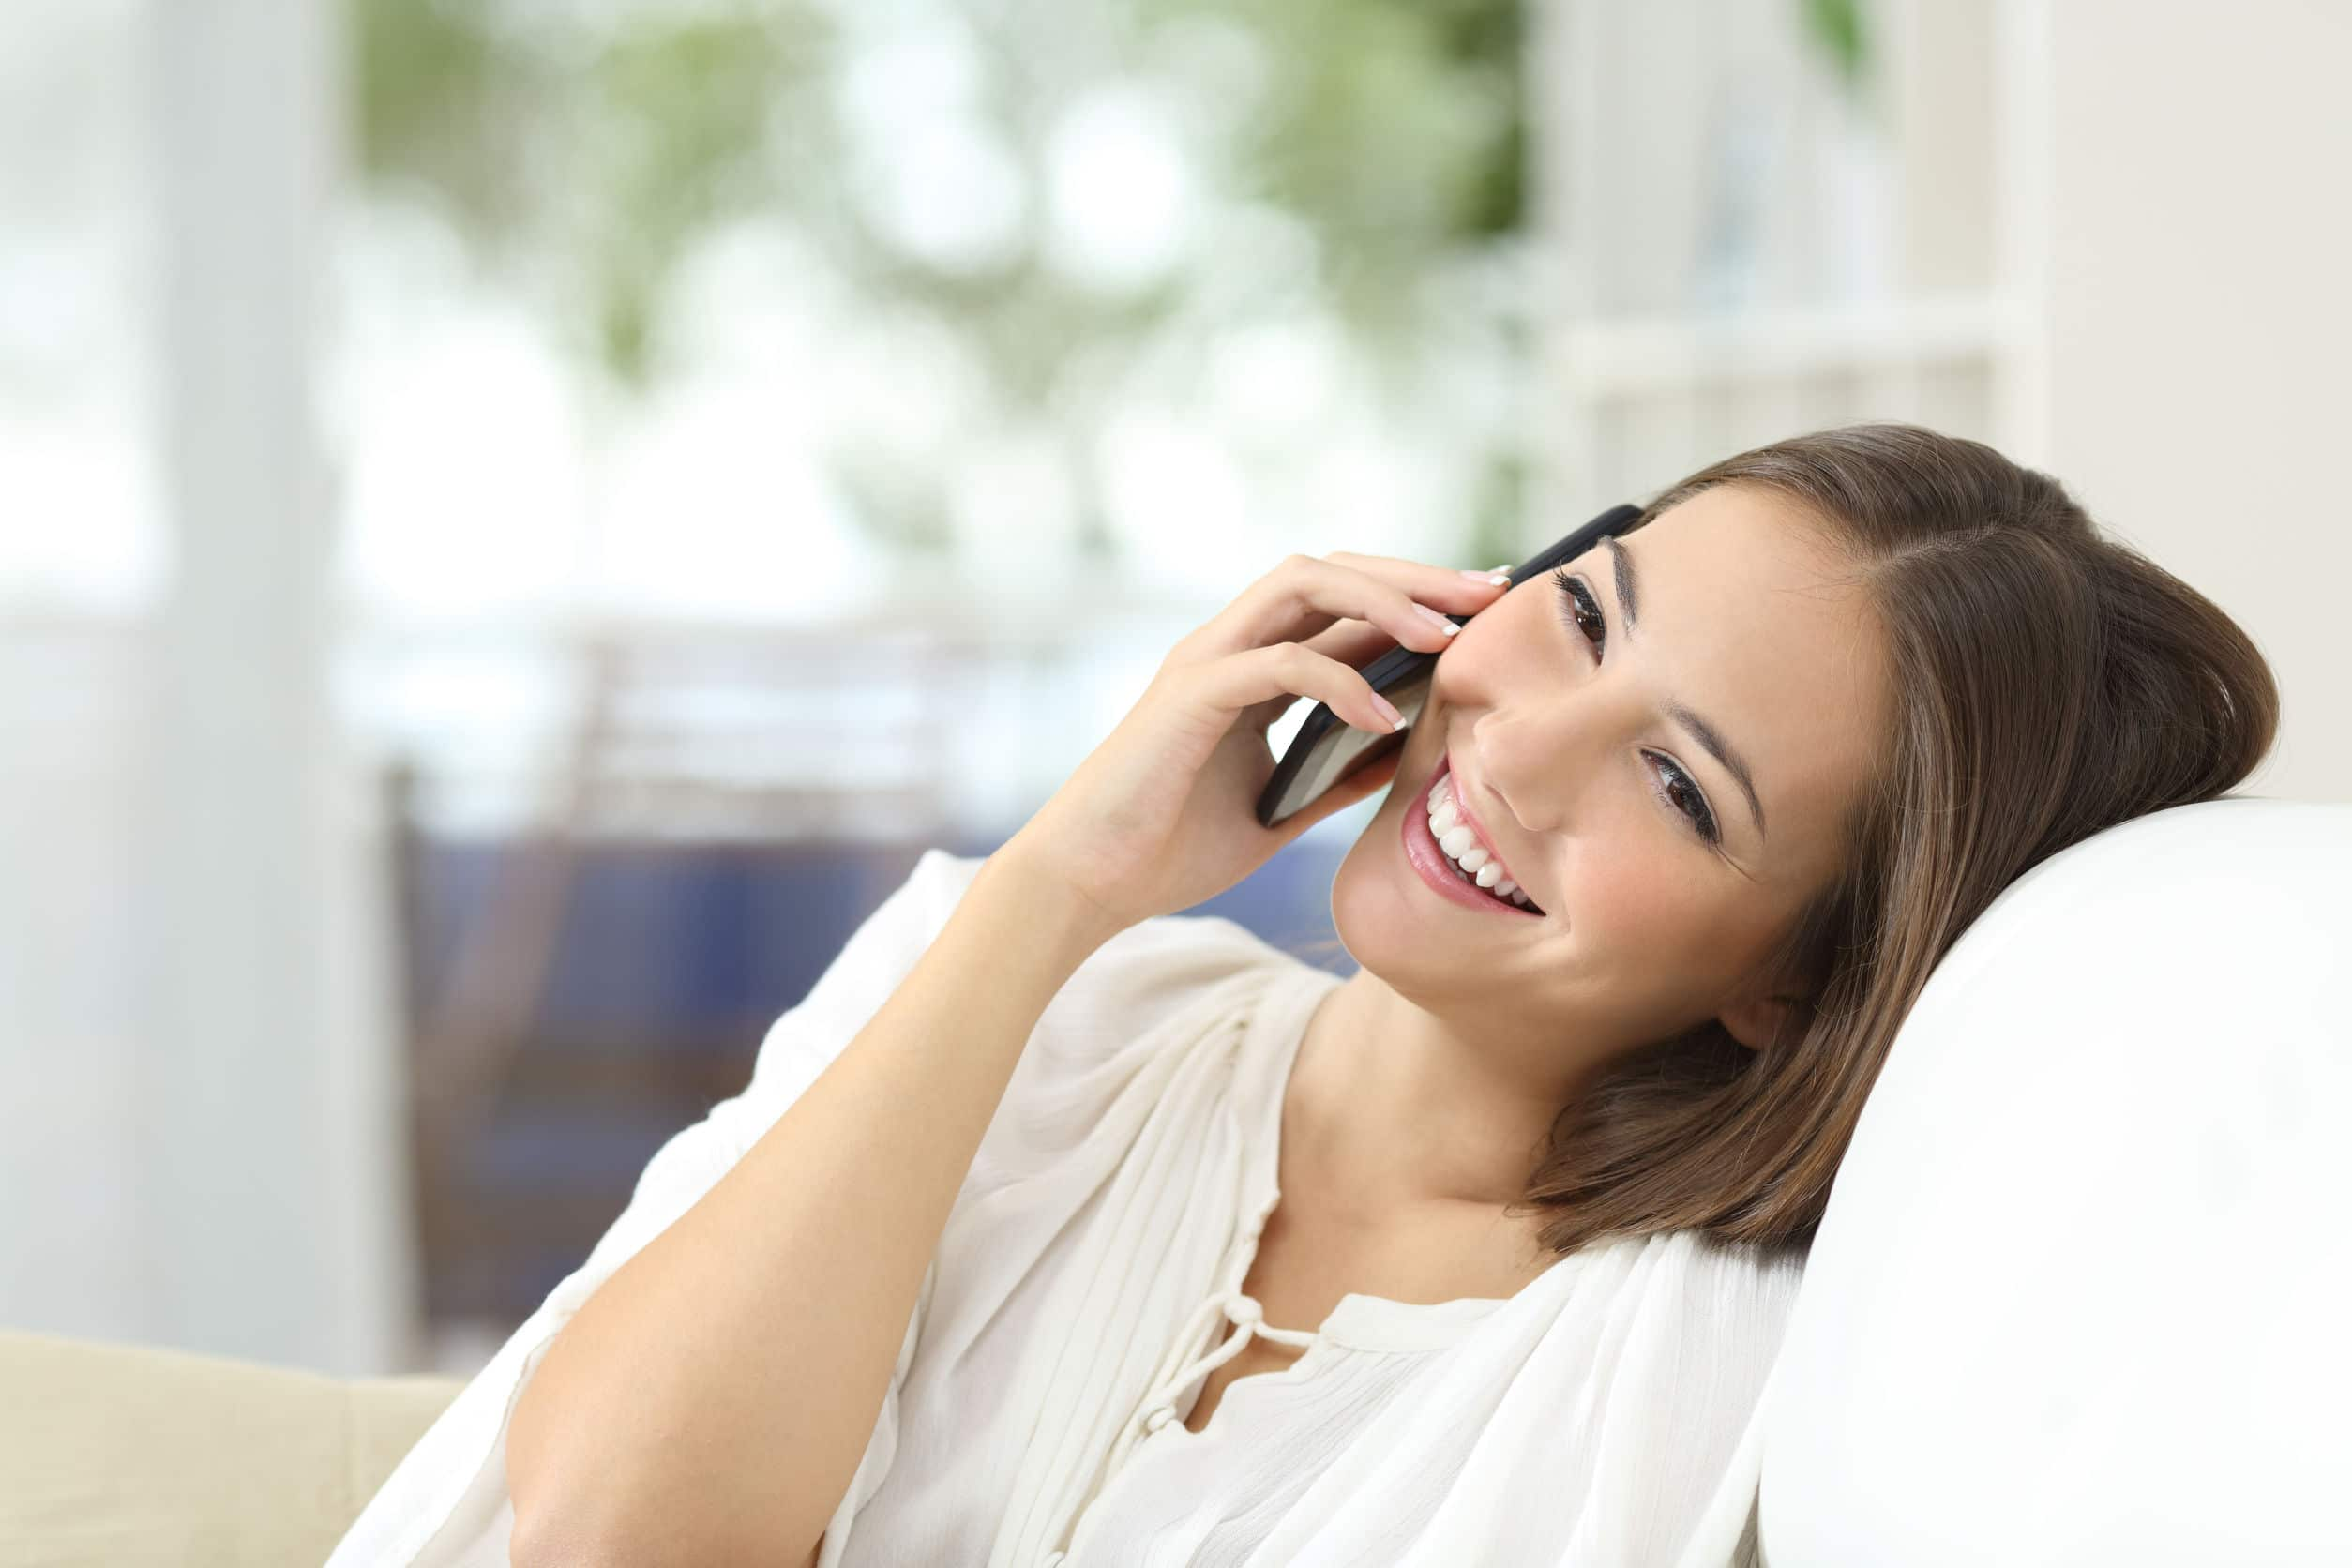 Mulher branca sorridente sentada em sofá branco enquanto fala no telefone.